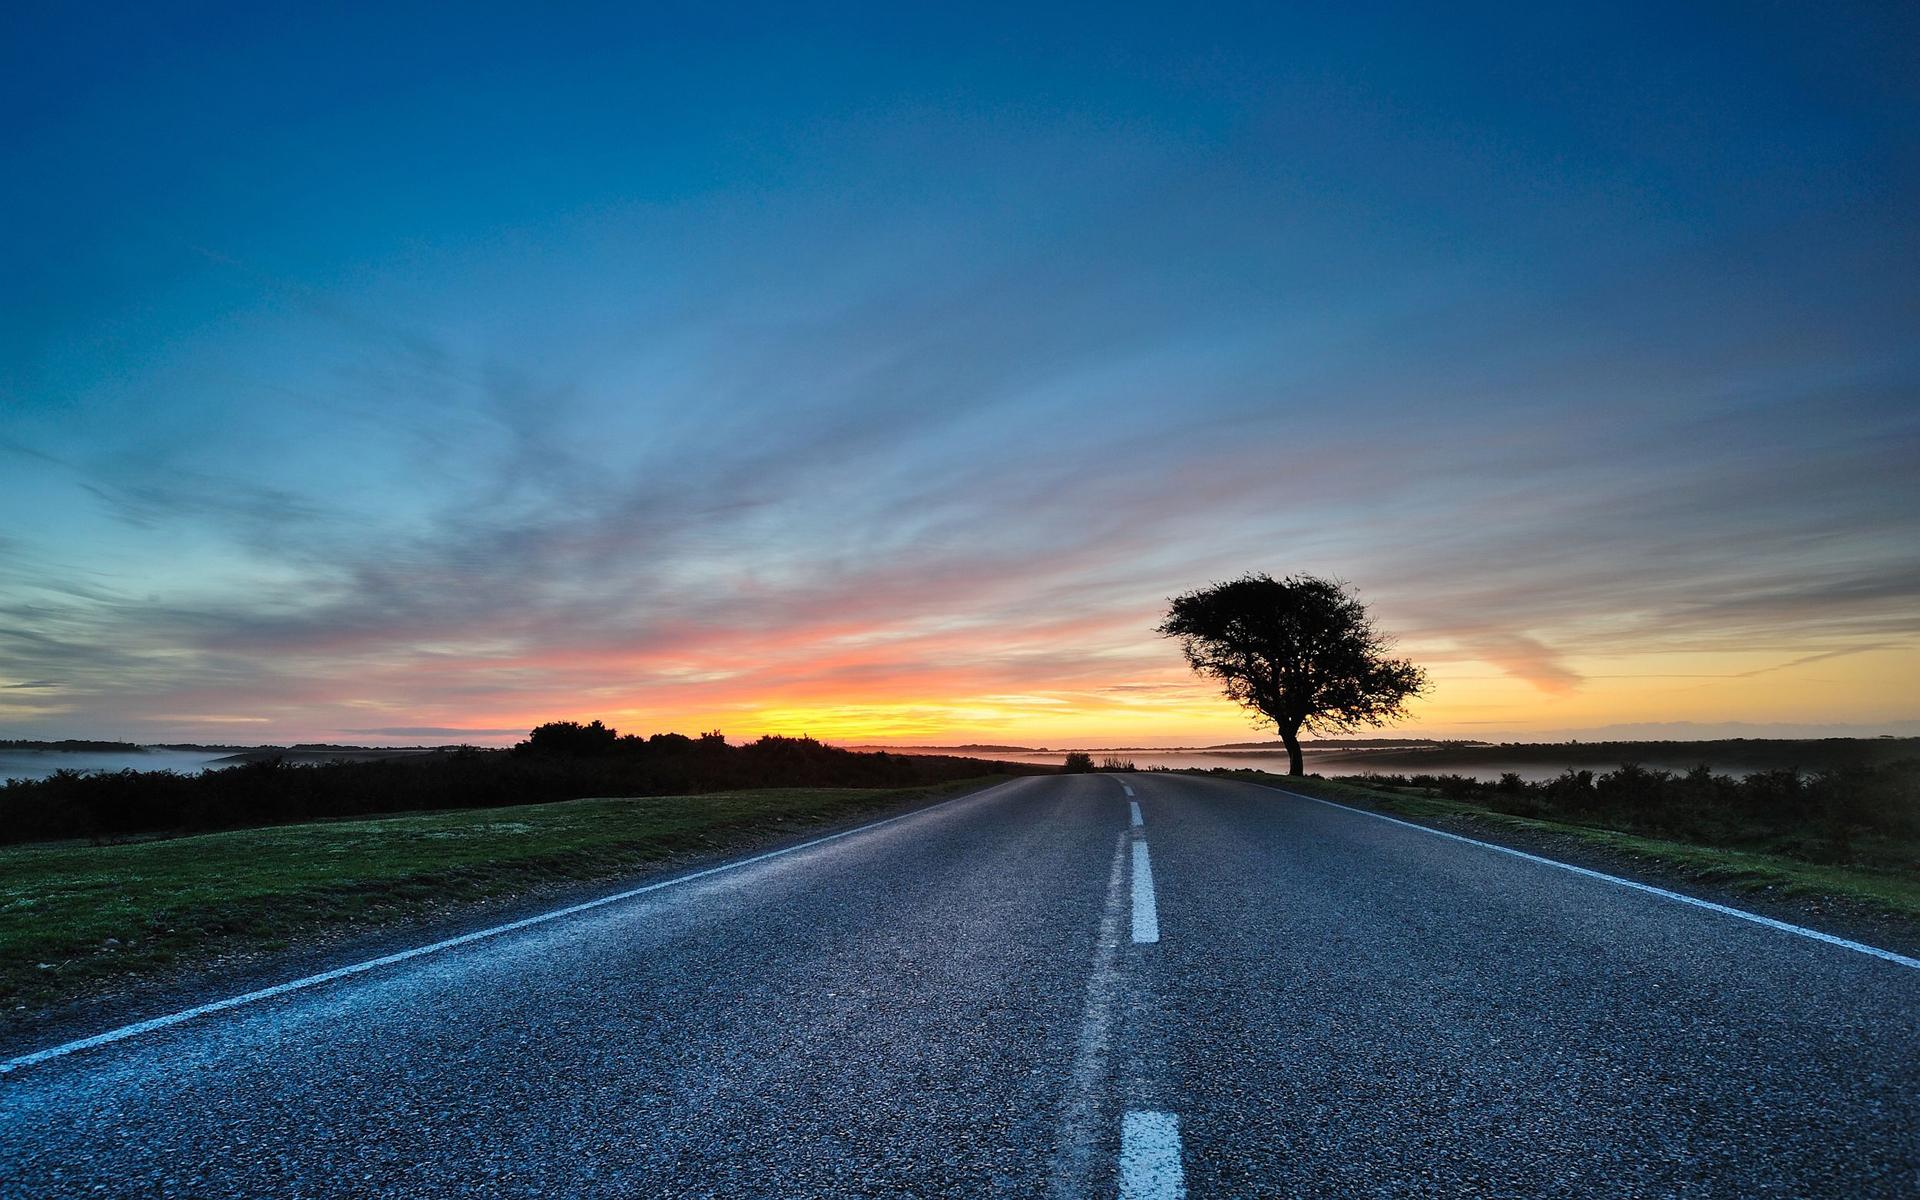 картинки дорога: